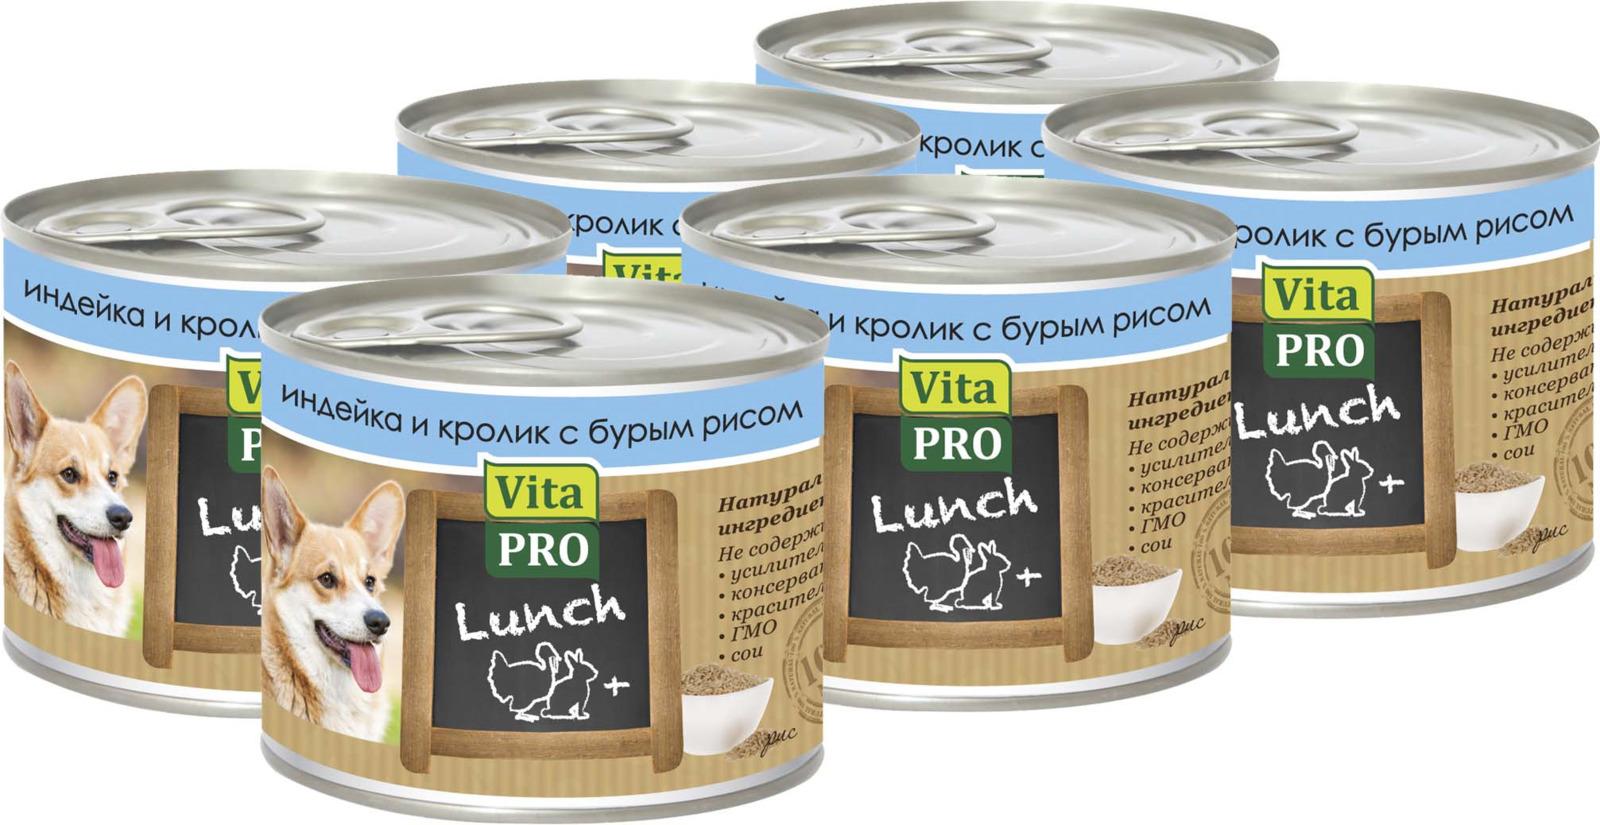 """Консервы для собак Vita Pro """"Lunch"""", с индейкой, кроликом и рисом, 200 г"""